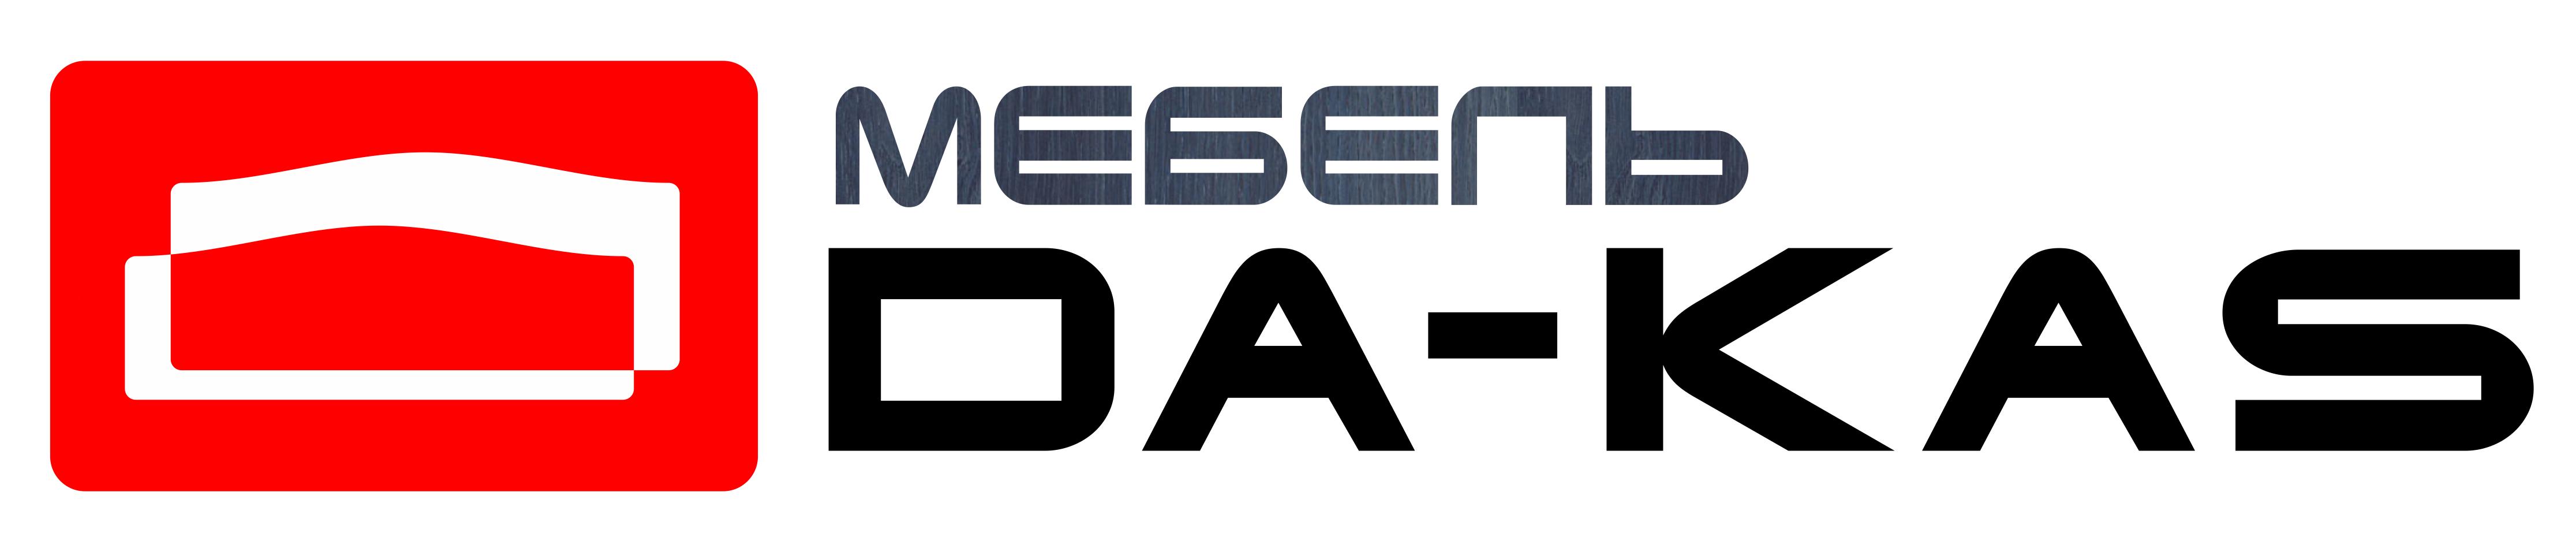 Интернет магазин Da-Kas